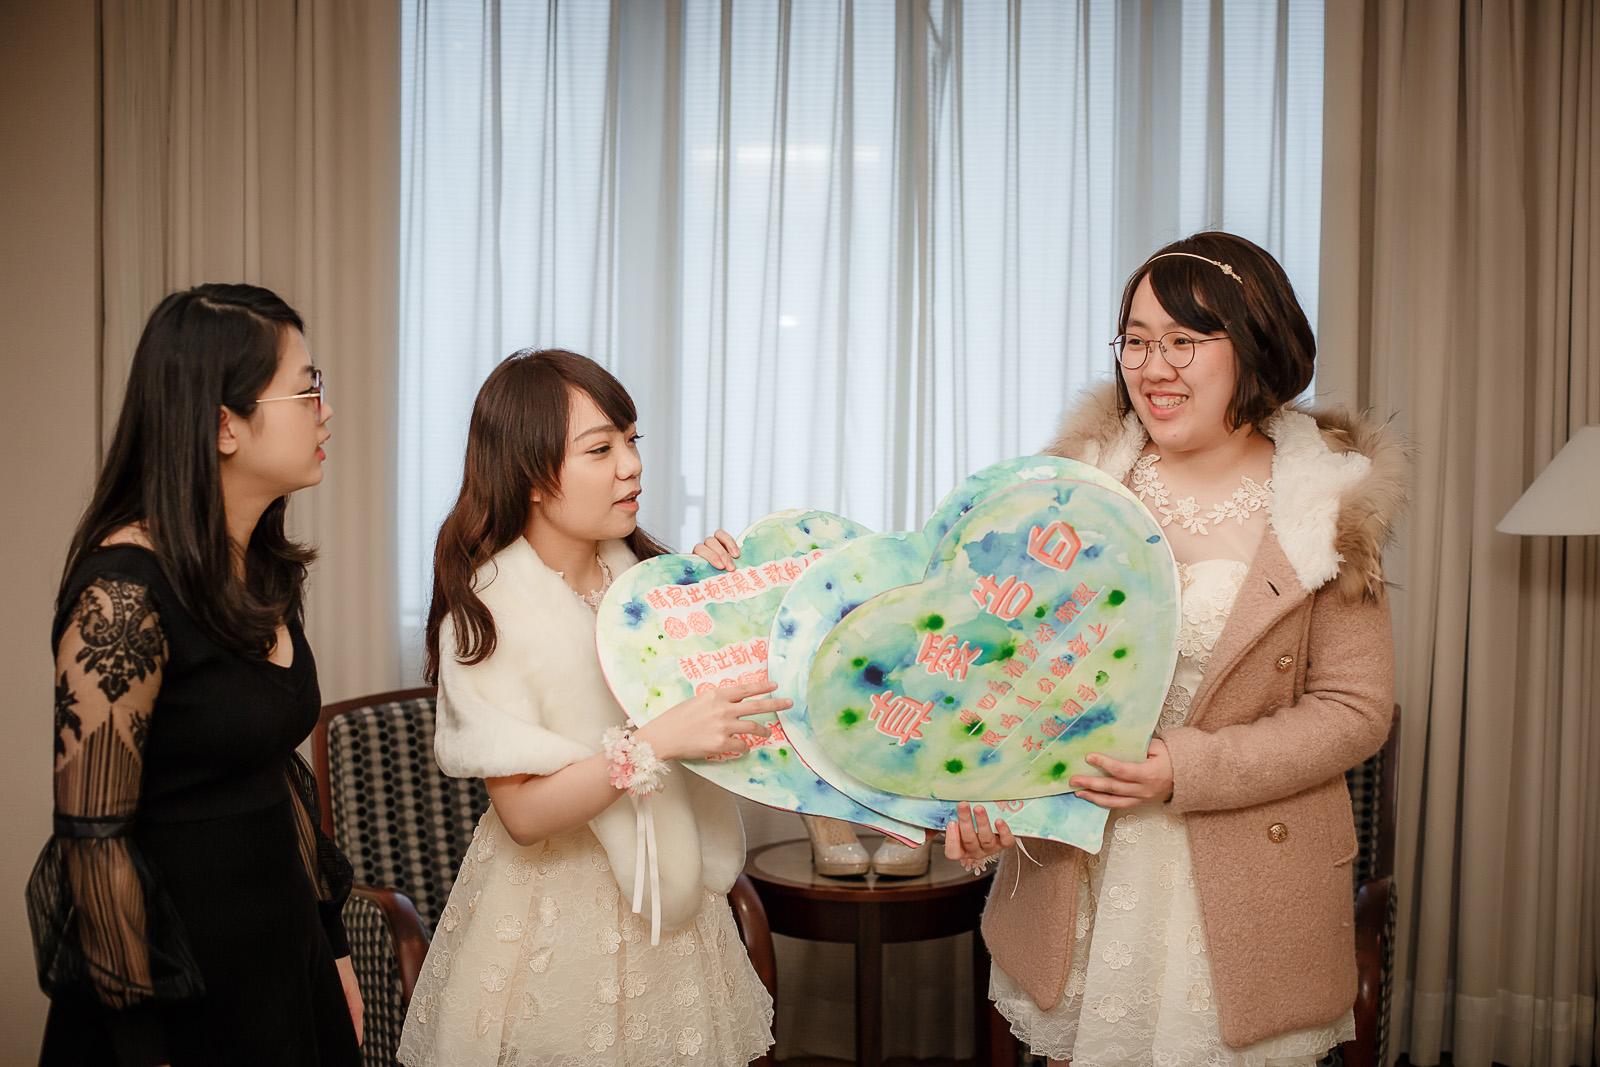 高雄圓山飯店,婚禮攝影,婚攝,高雄婚攝,優質婚攝推薦,Jen&Ethan-072